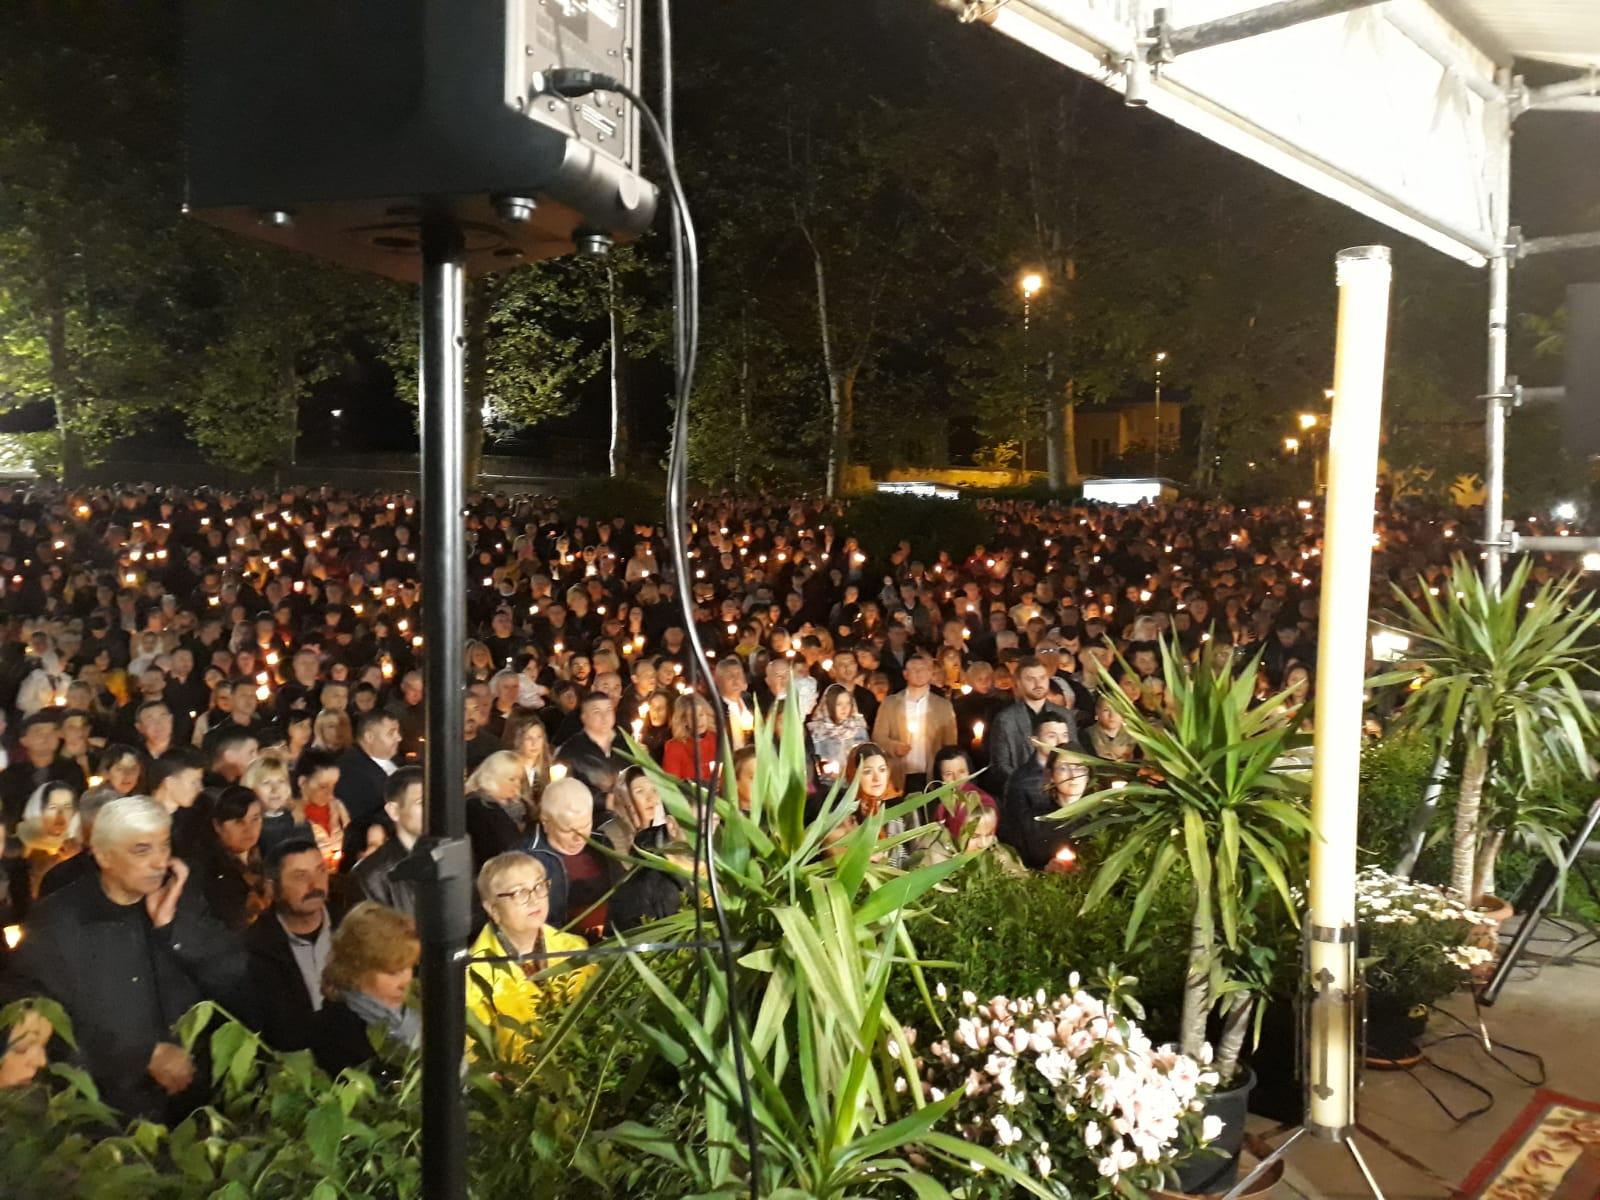 Una folla di fedeli alla vigilia della Pasqua ortodossa FOTO e VIDEO